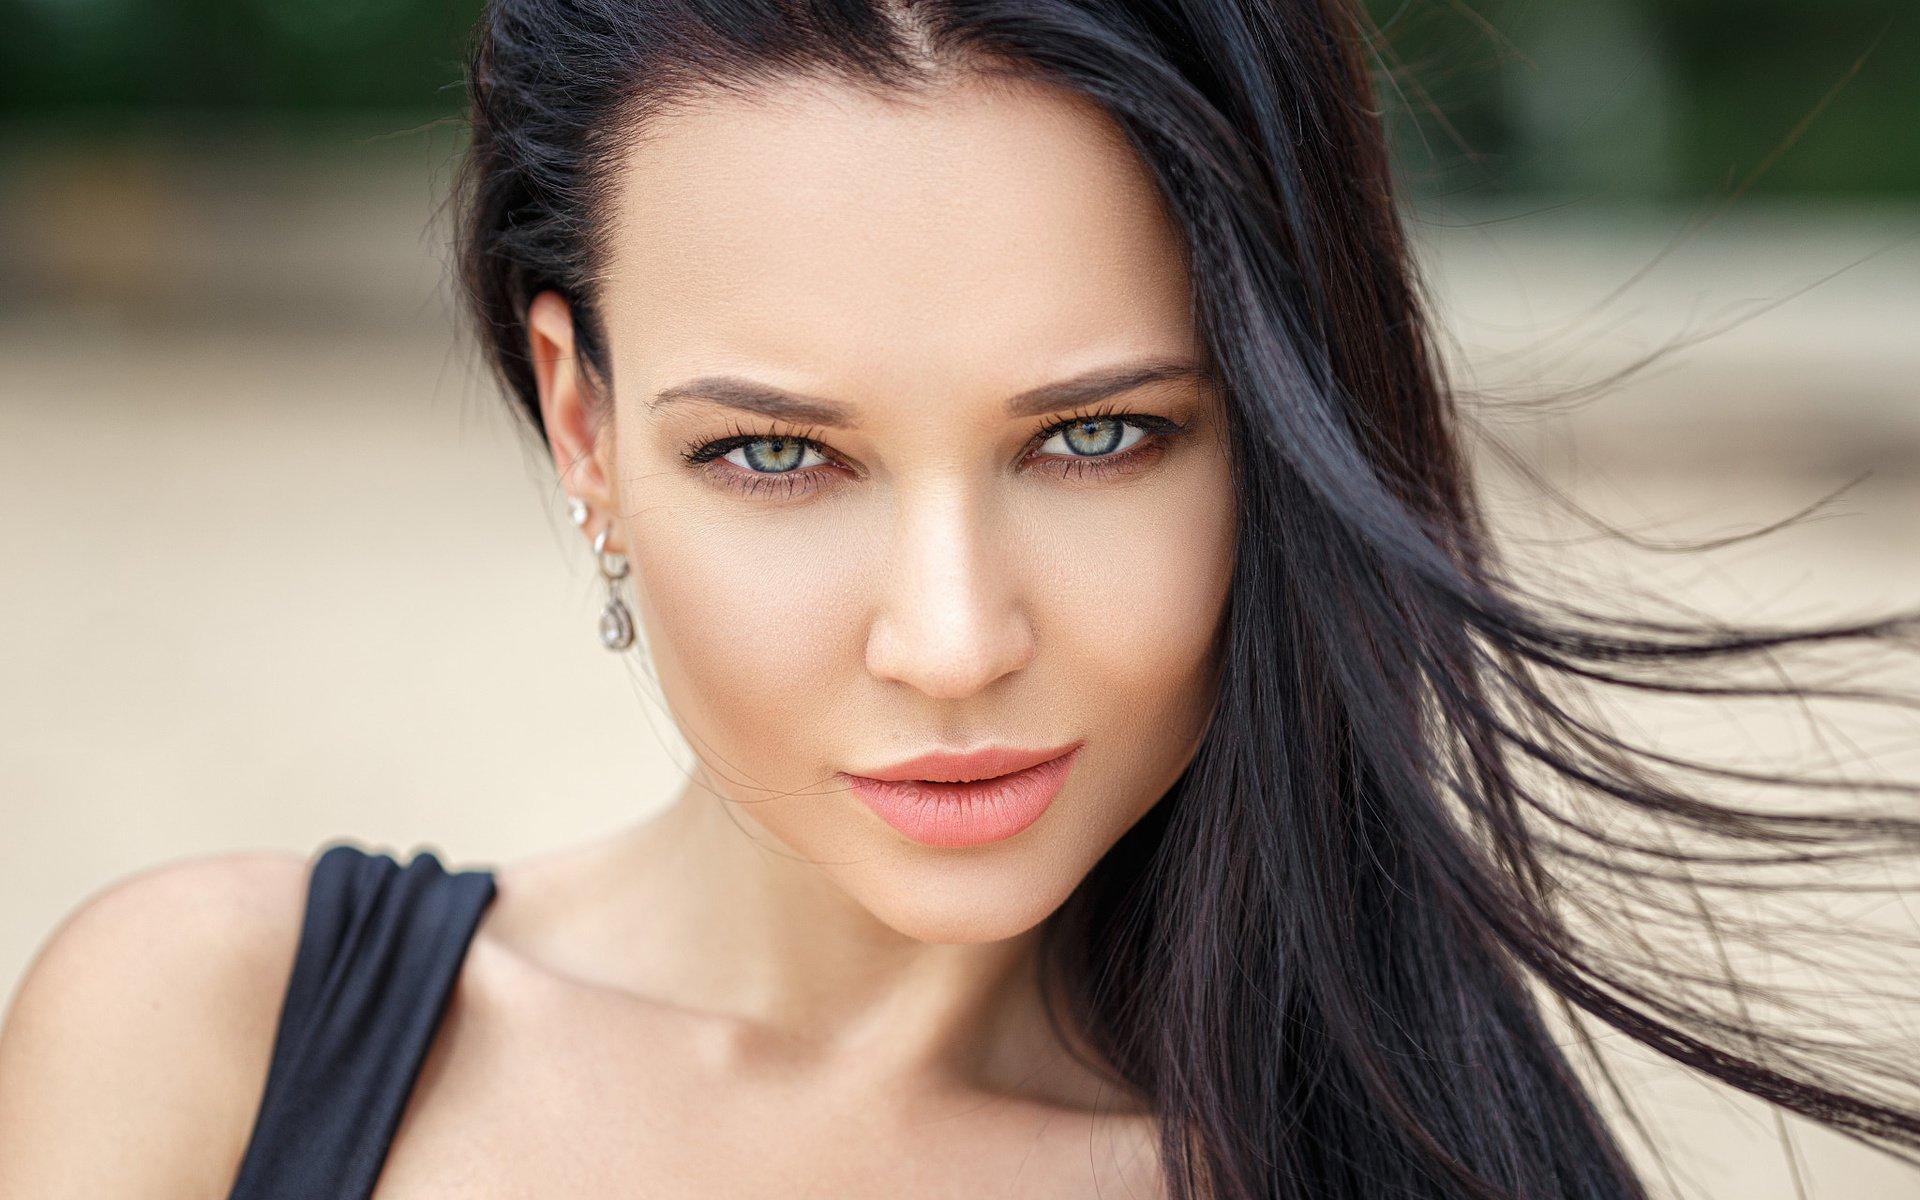 Русская красотка ангелина, Русское порно с Анжелика - смотреть онлайн бесплатно 19 фотография